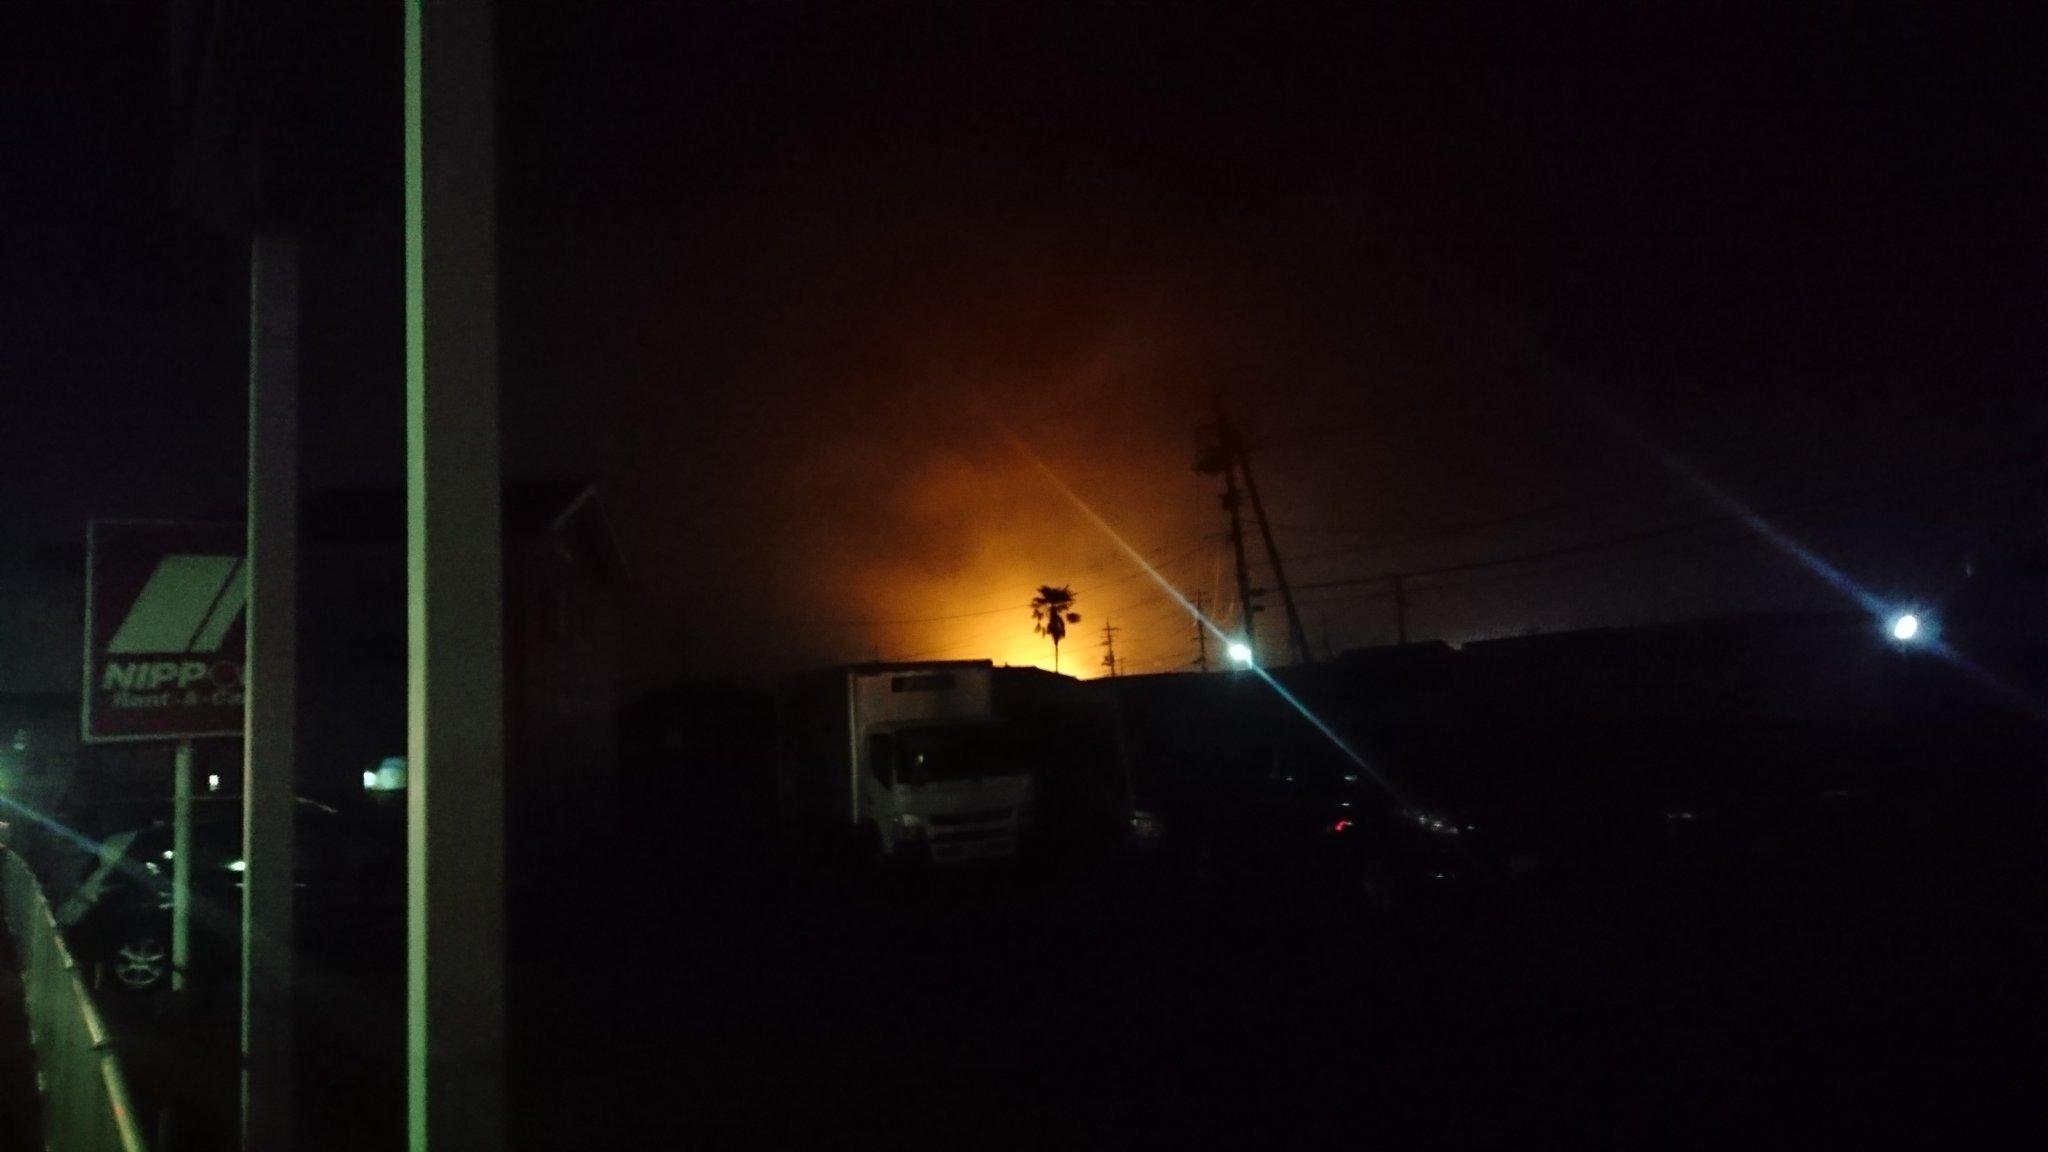 画像,夕焼けならぬジョイフル焼け山火事みたいやな https://t.co/kTw3eWDBub。